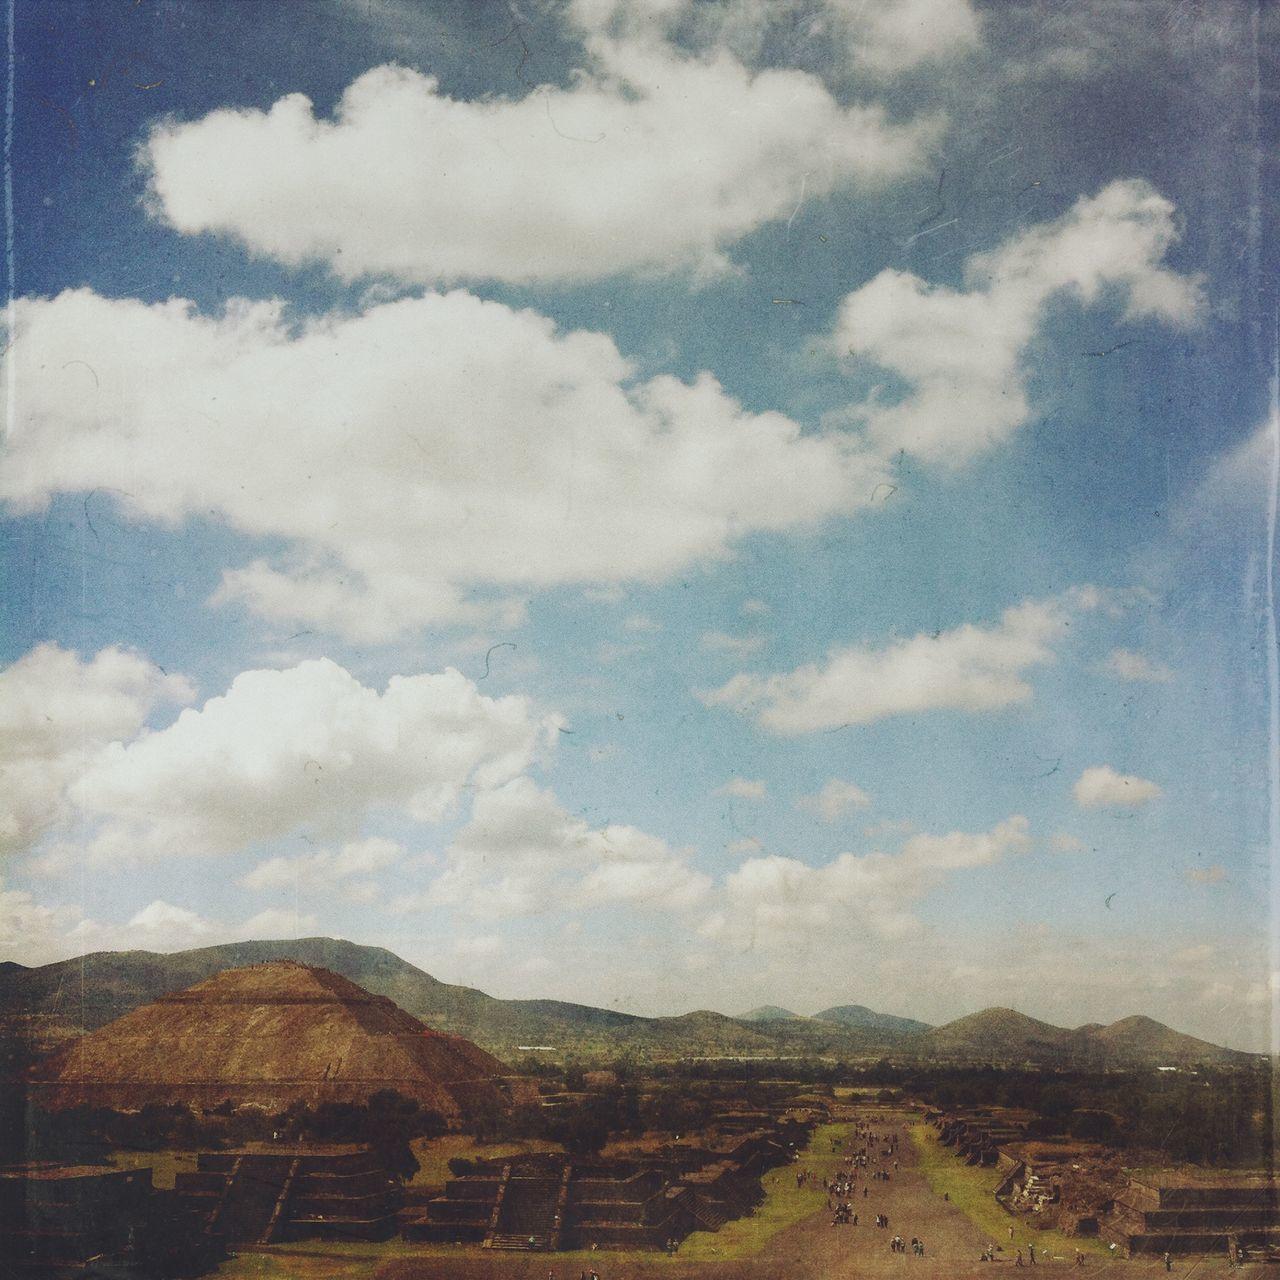 Yomochilero en la Pirámide de la Luna, Mexico